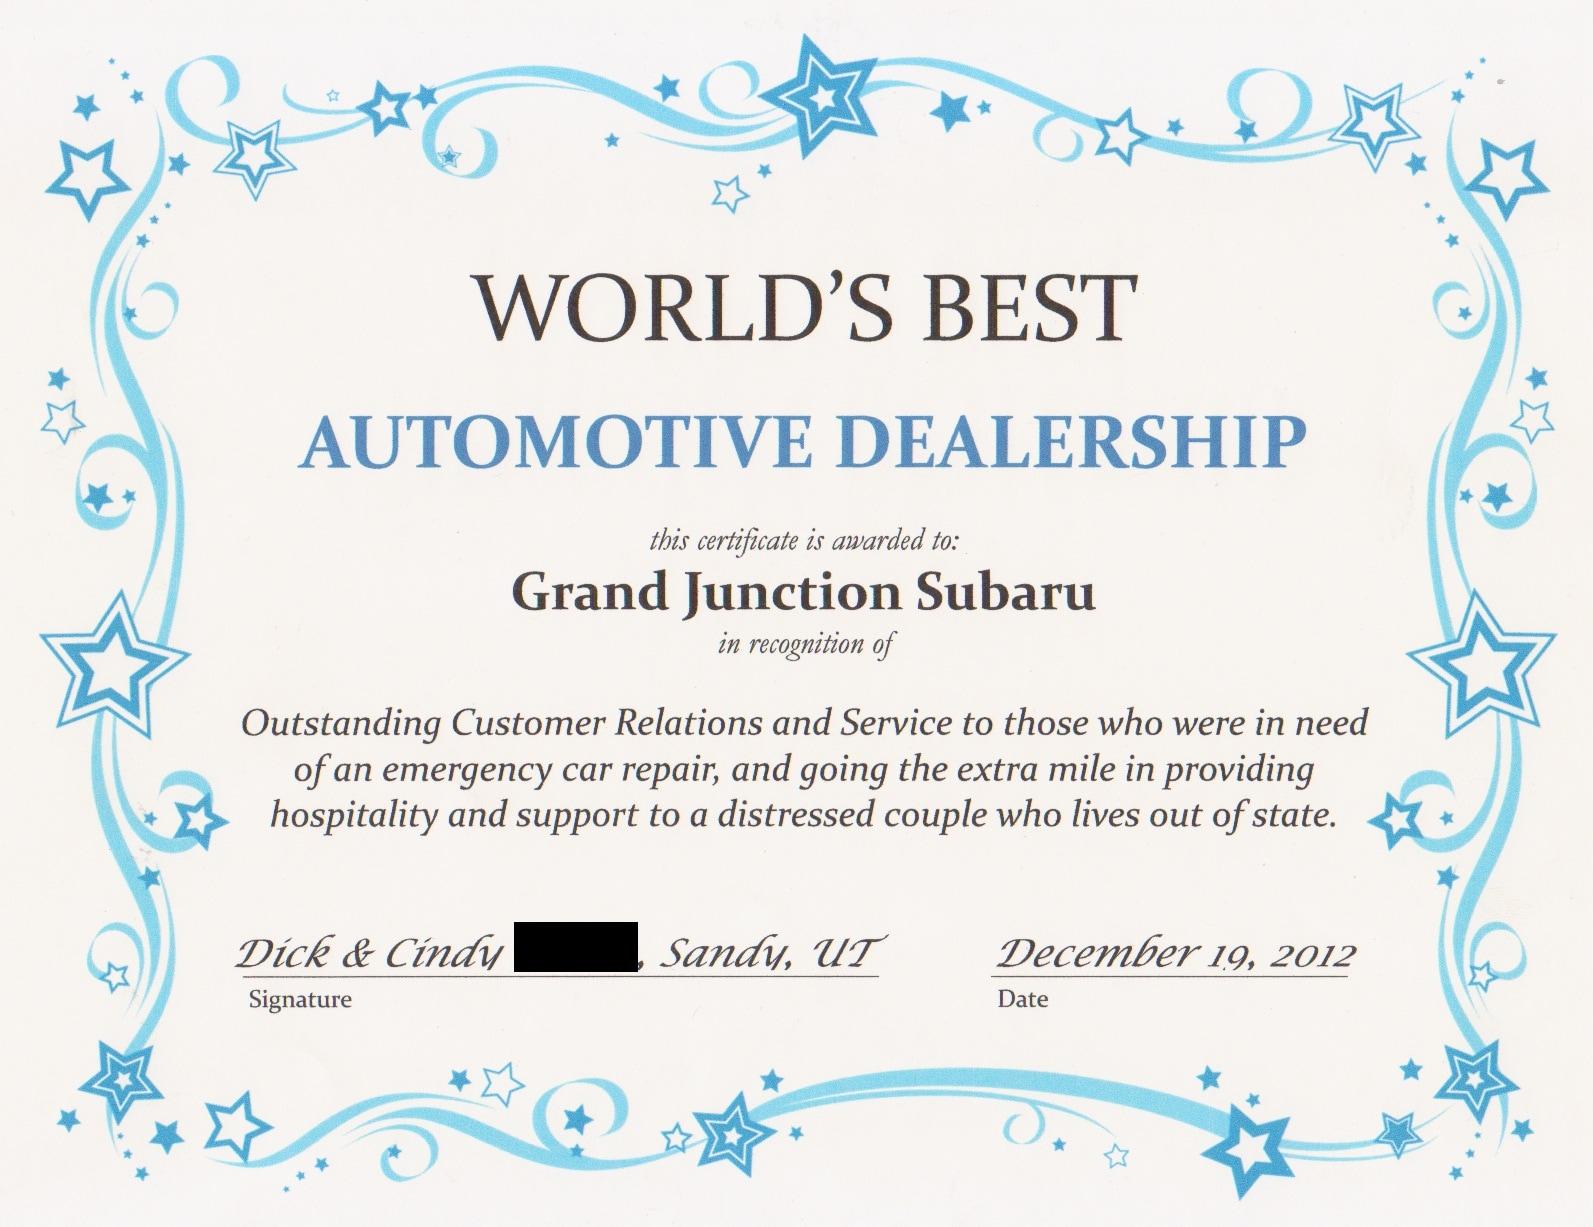 Grand Junction Subaru